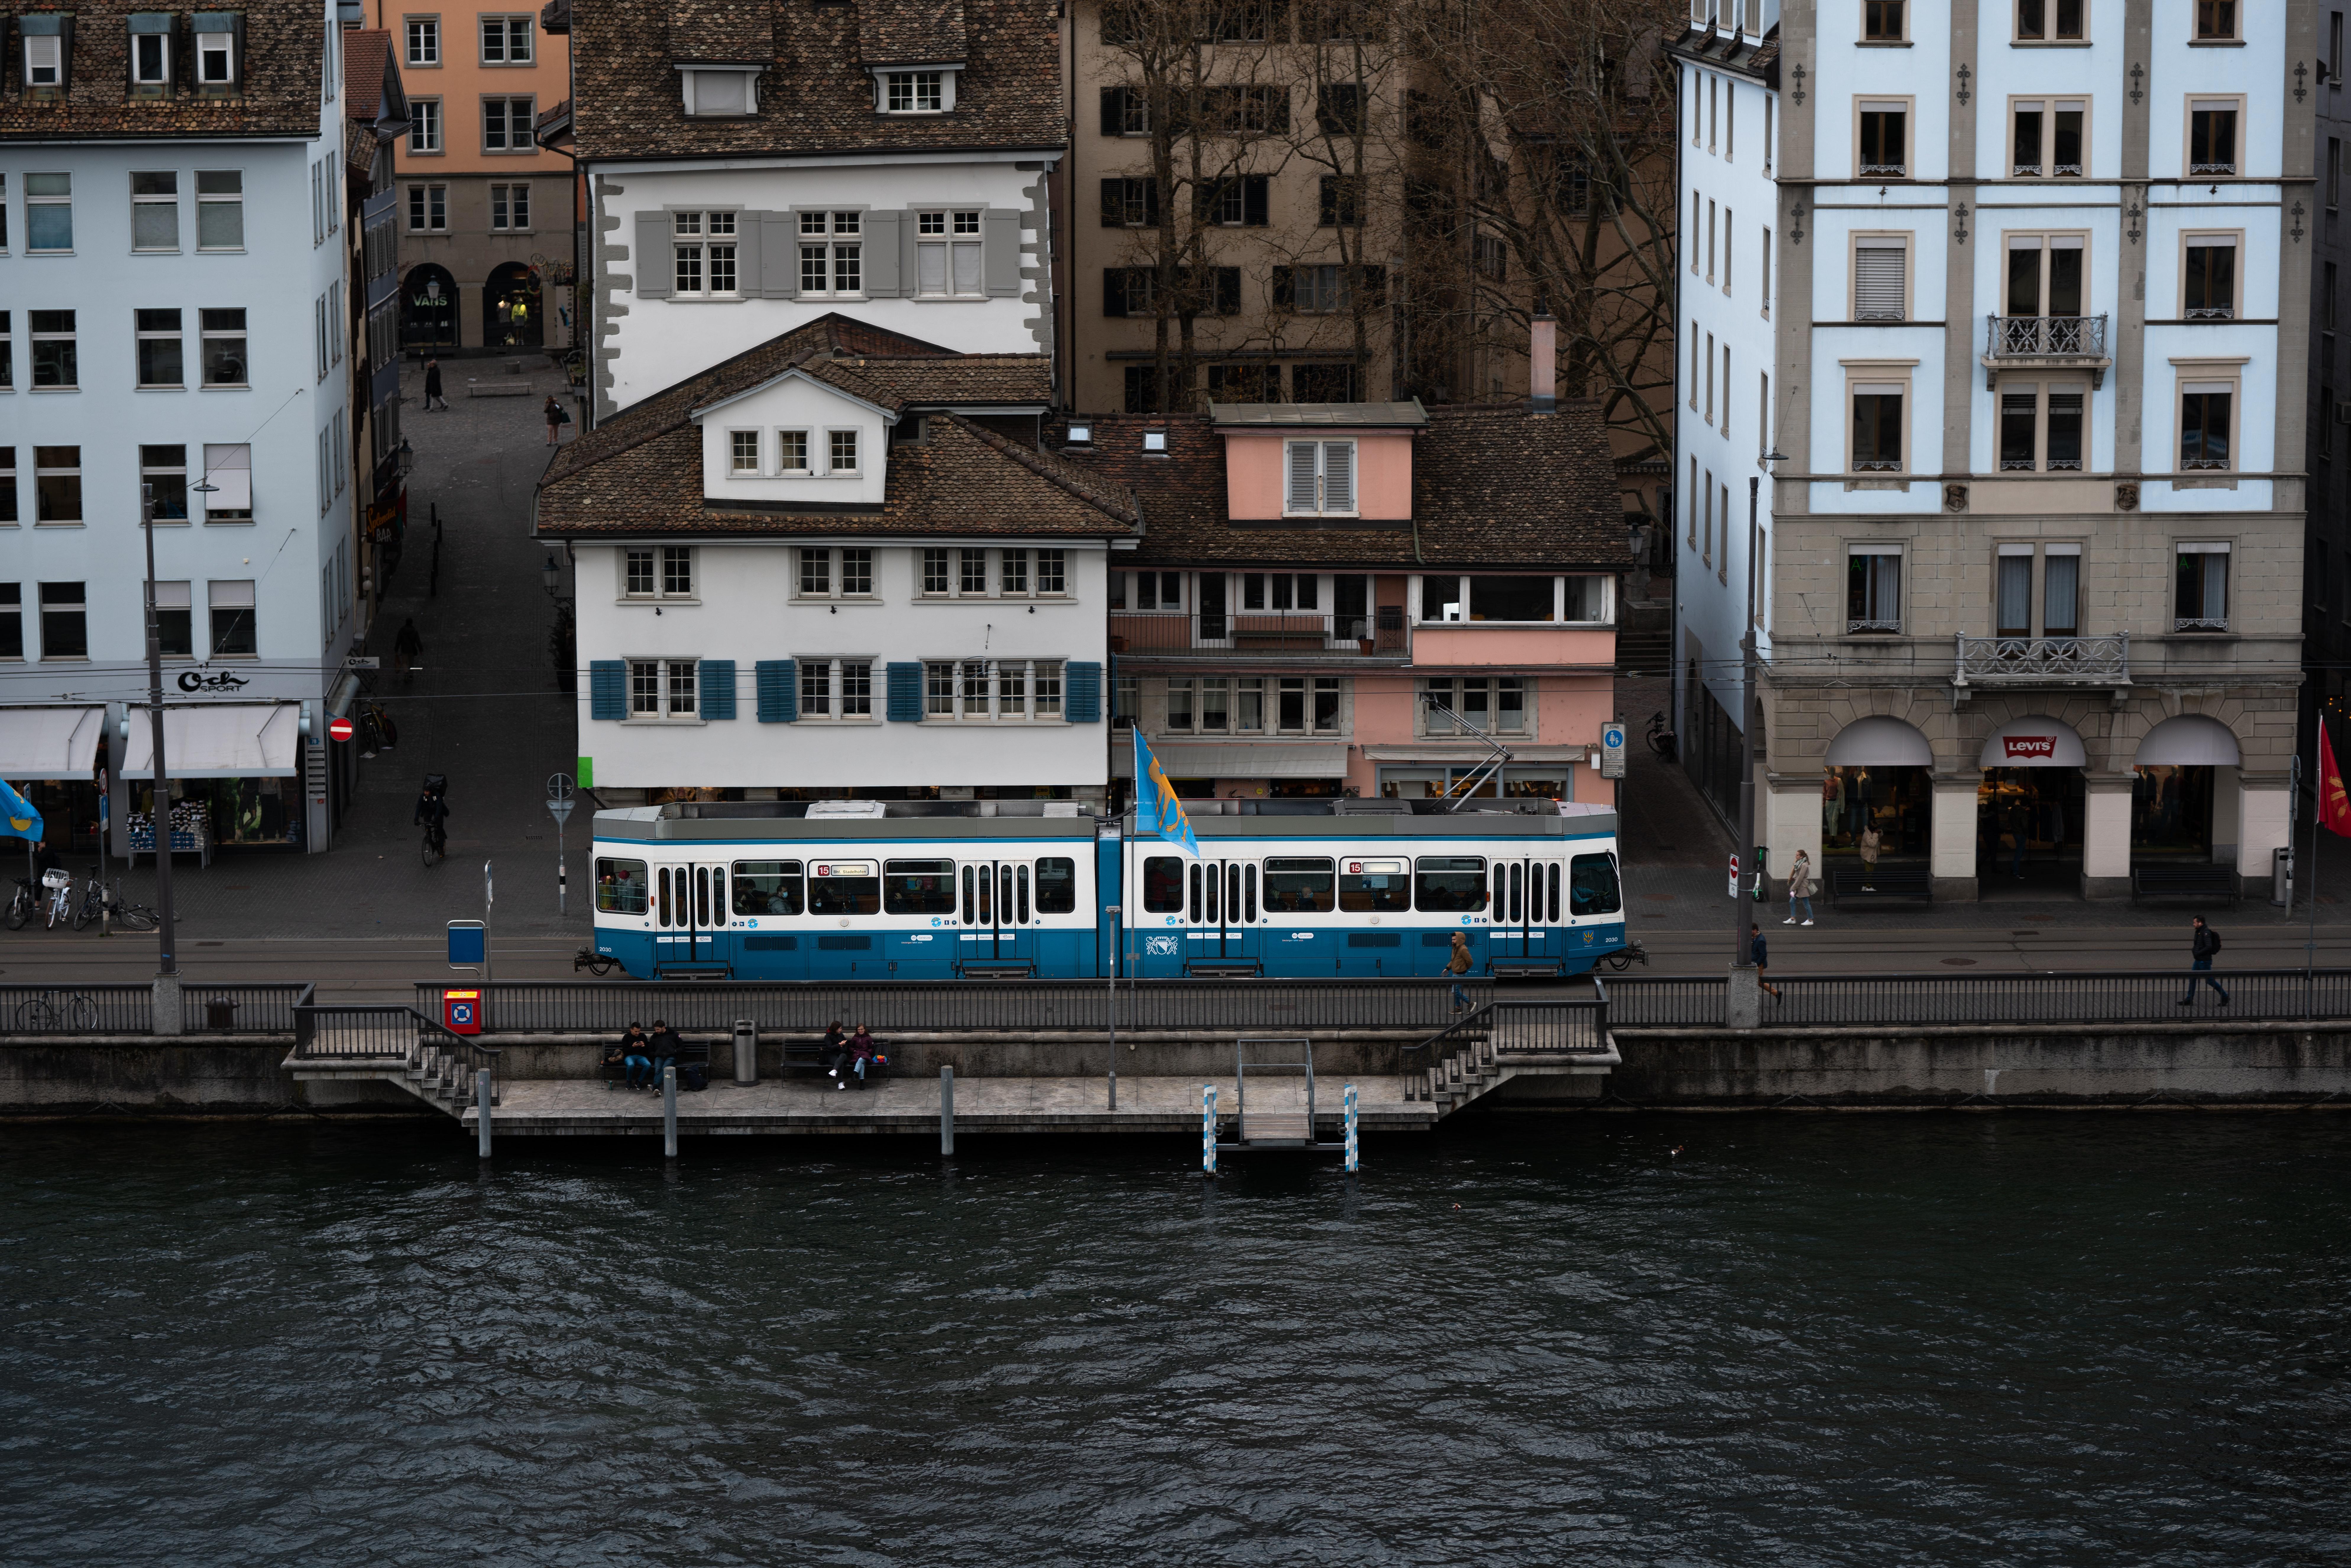 Sviluppo di una piattaforma digitale per la cooperazione alberghiera degli Zurich City Hotels